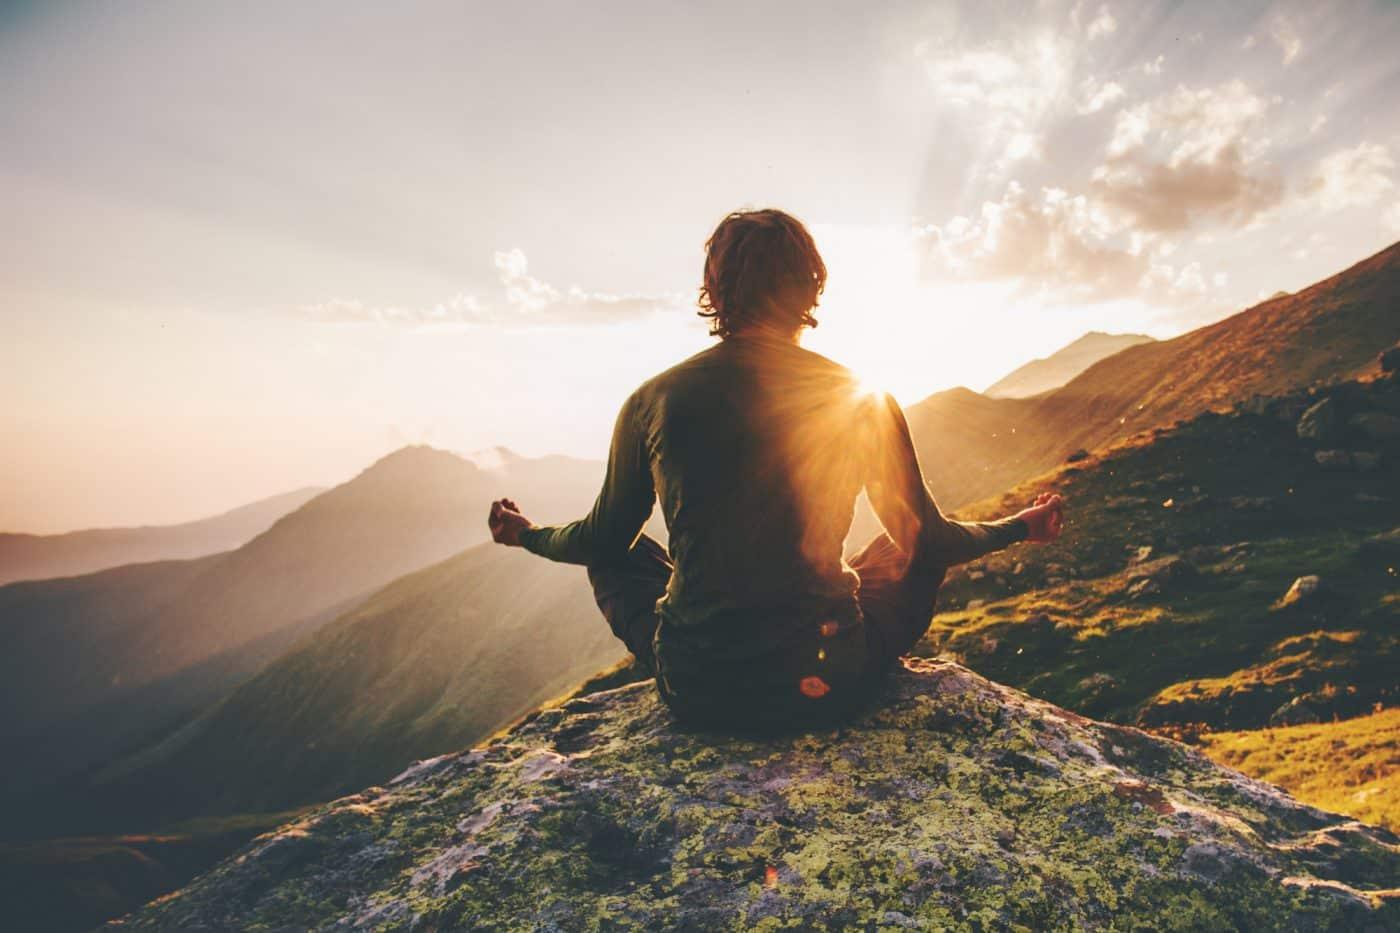 Door elke dag te mediteren activeer je het zelfhelend vermogen